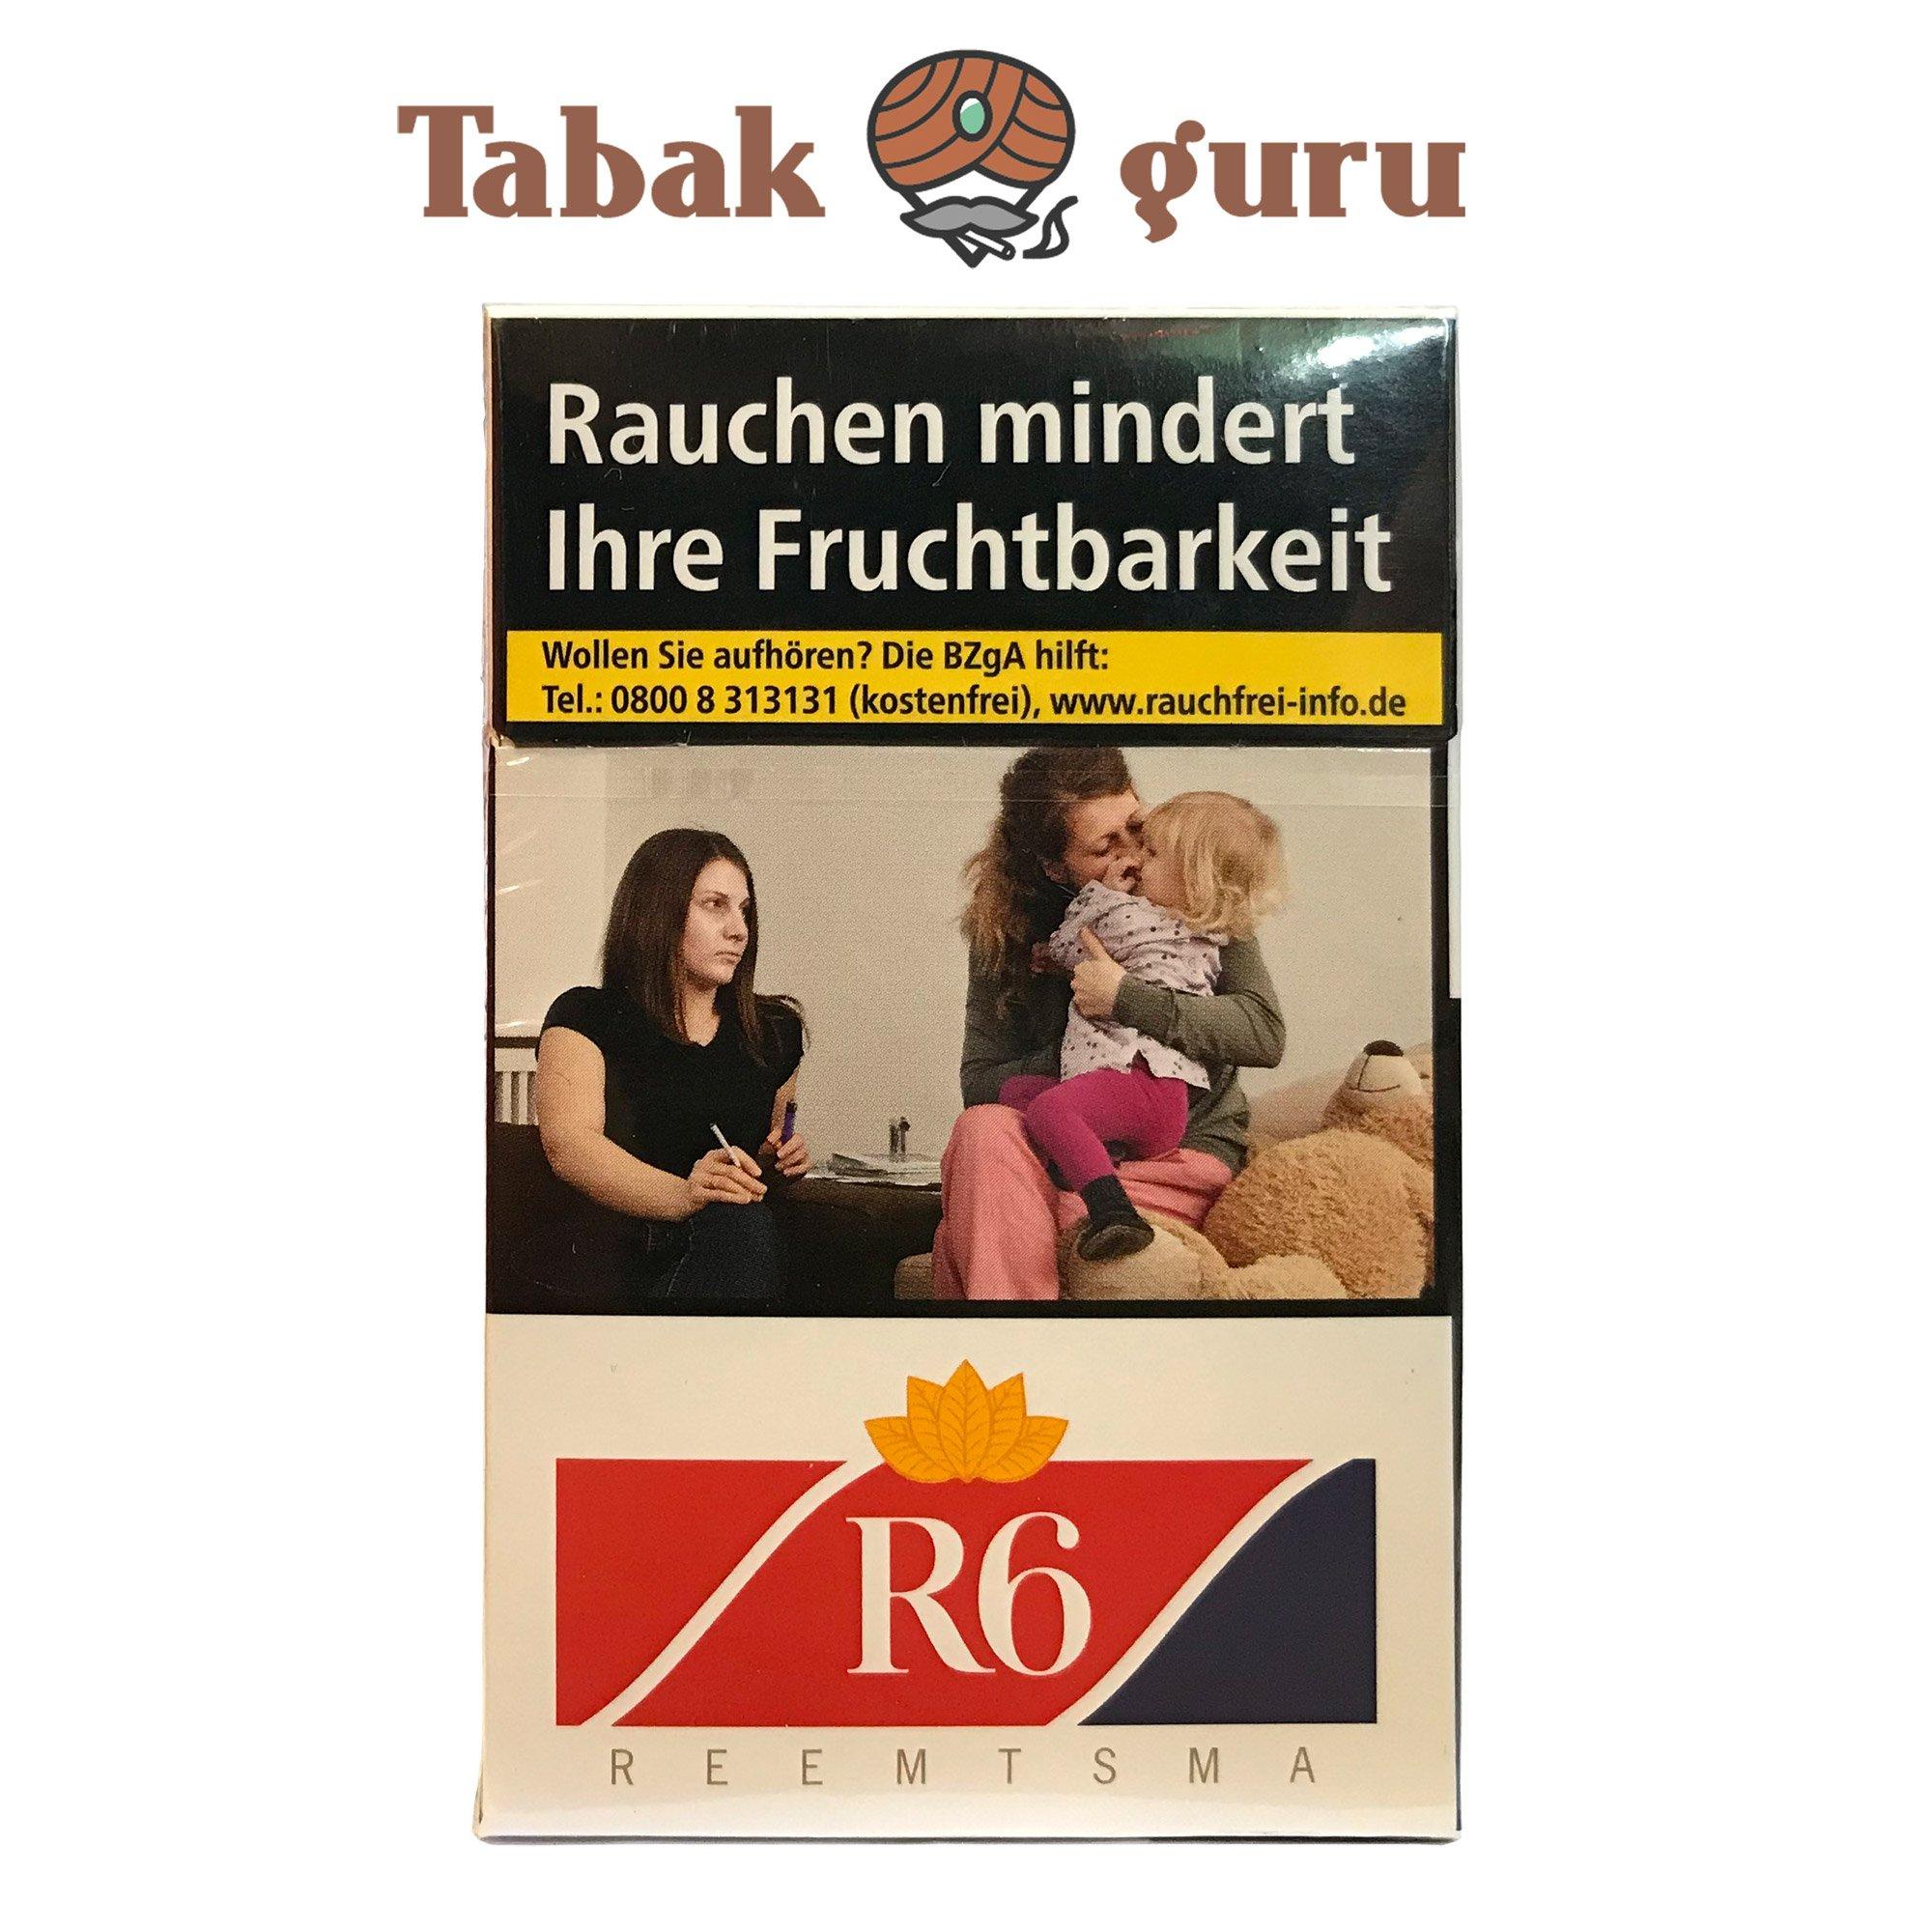 R6 Zigaretten 20 Stück (Reemtsma No. 6)